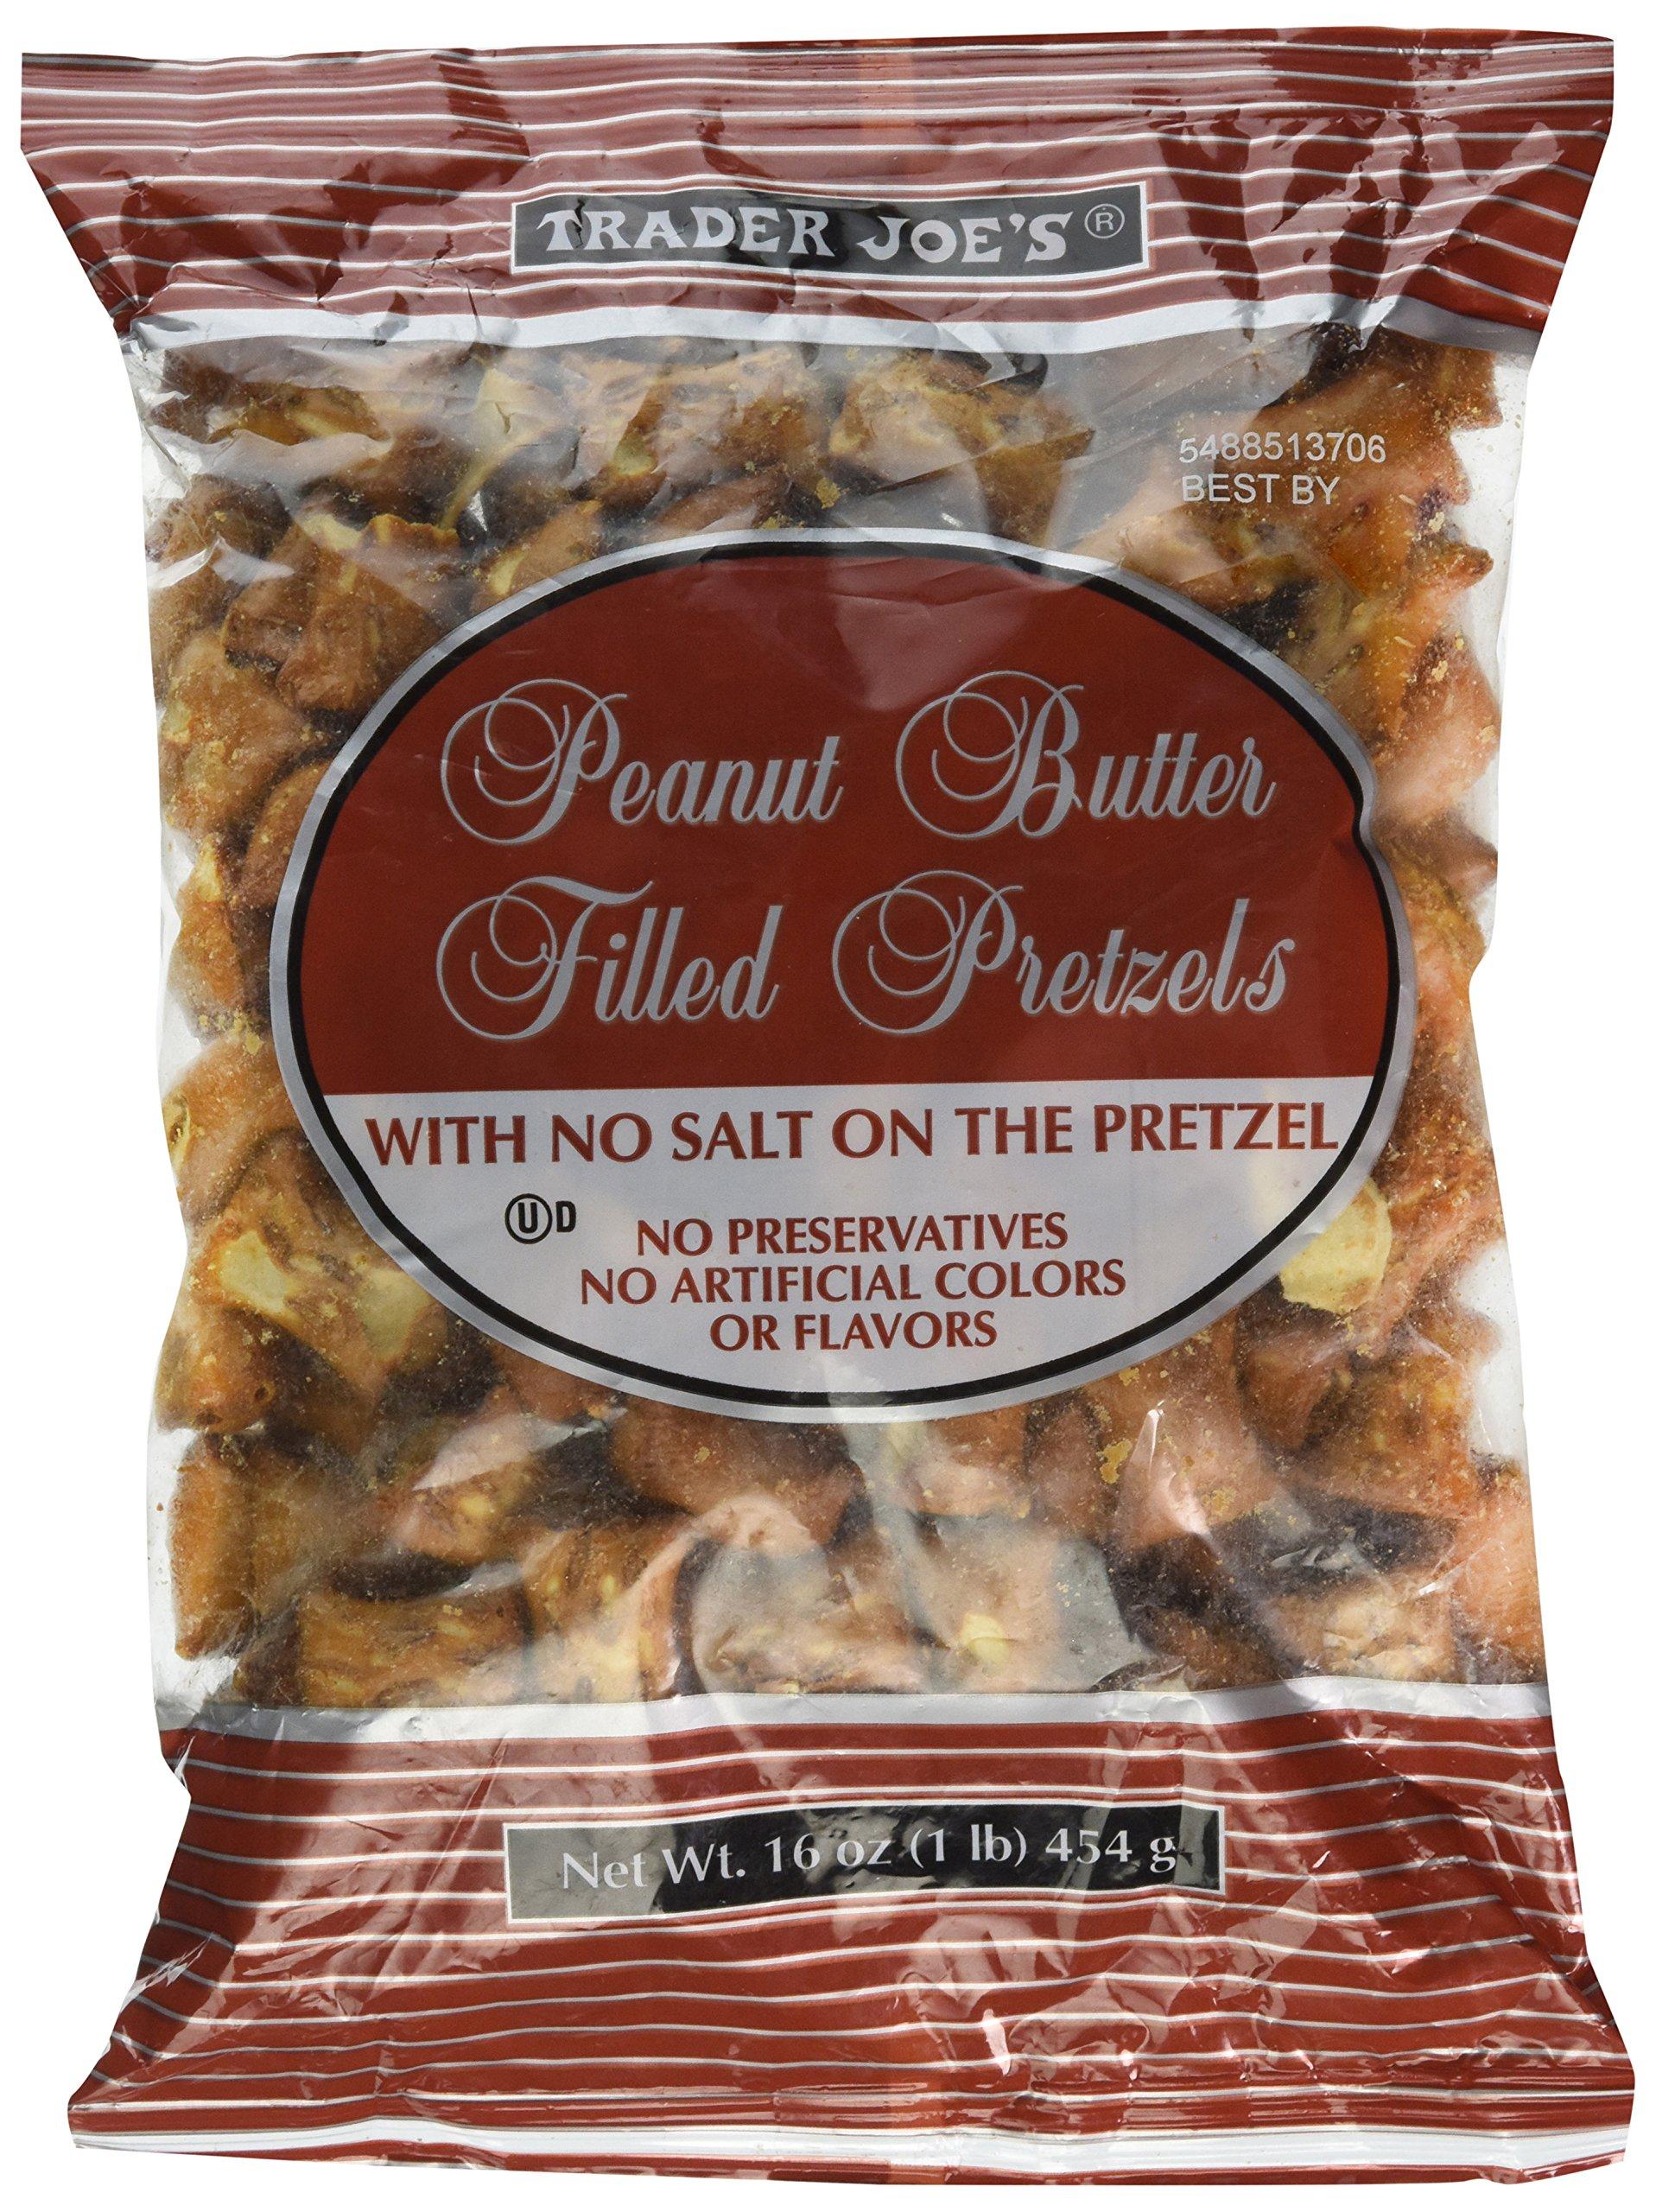 2--Trader Joe's Peanut Butter Filled Pretzels with No Salt on the Pretzel by Trader Joe's